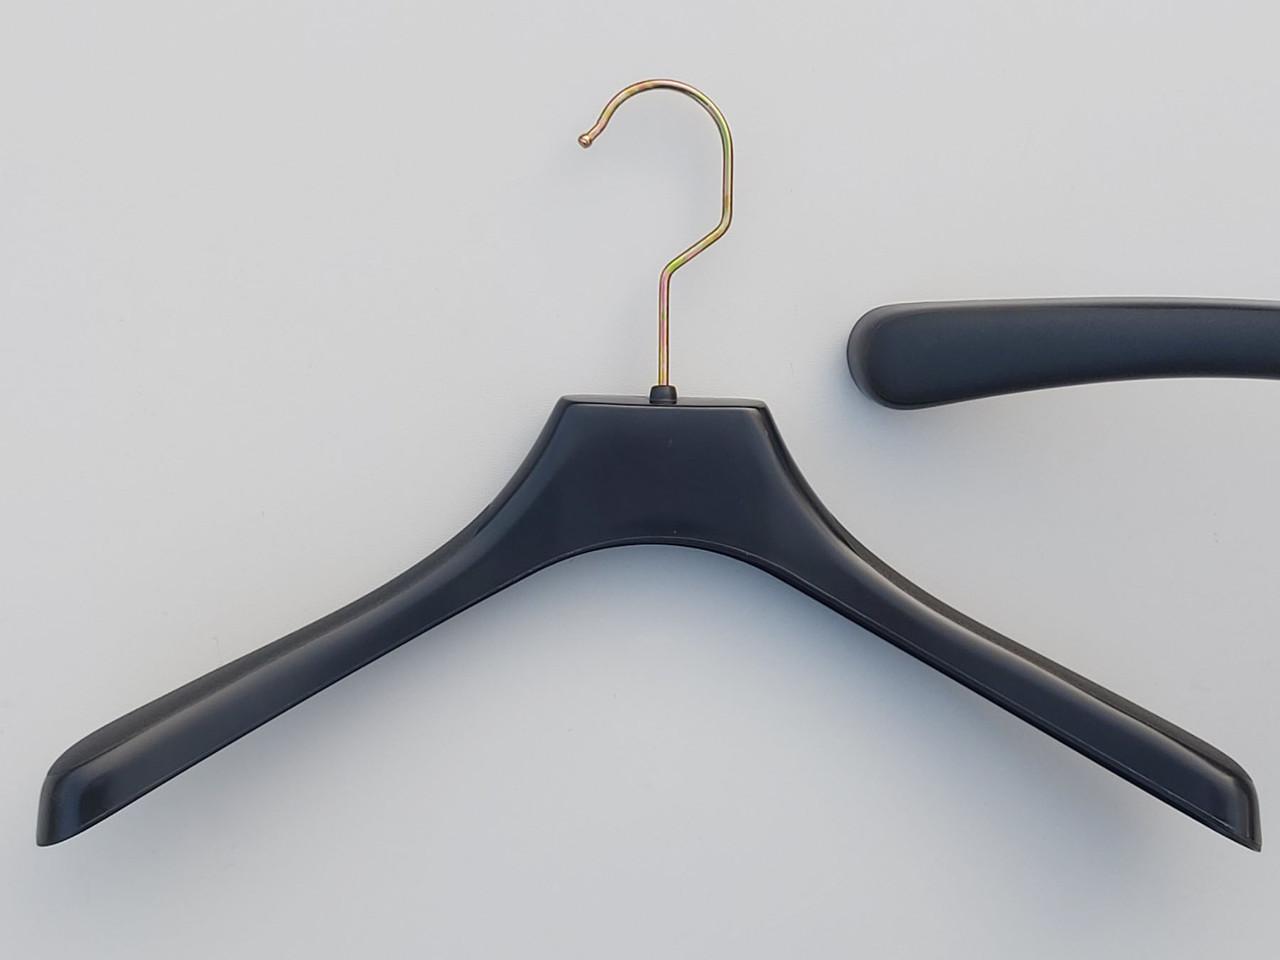 Плечики пластмассовые №1 черного цвета, длина 36 см